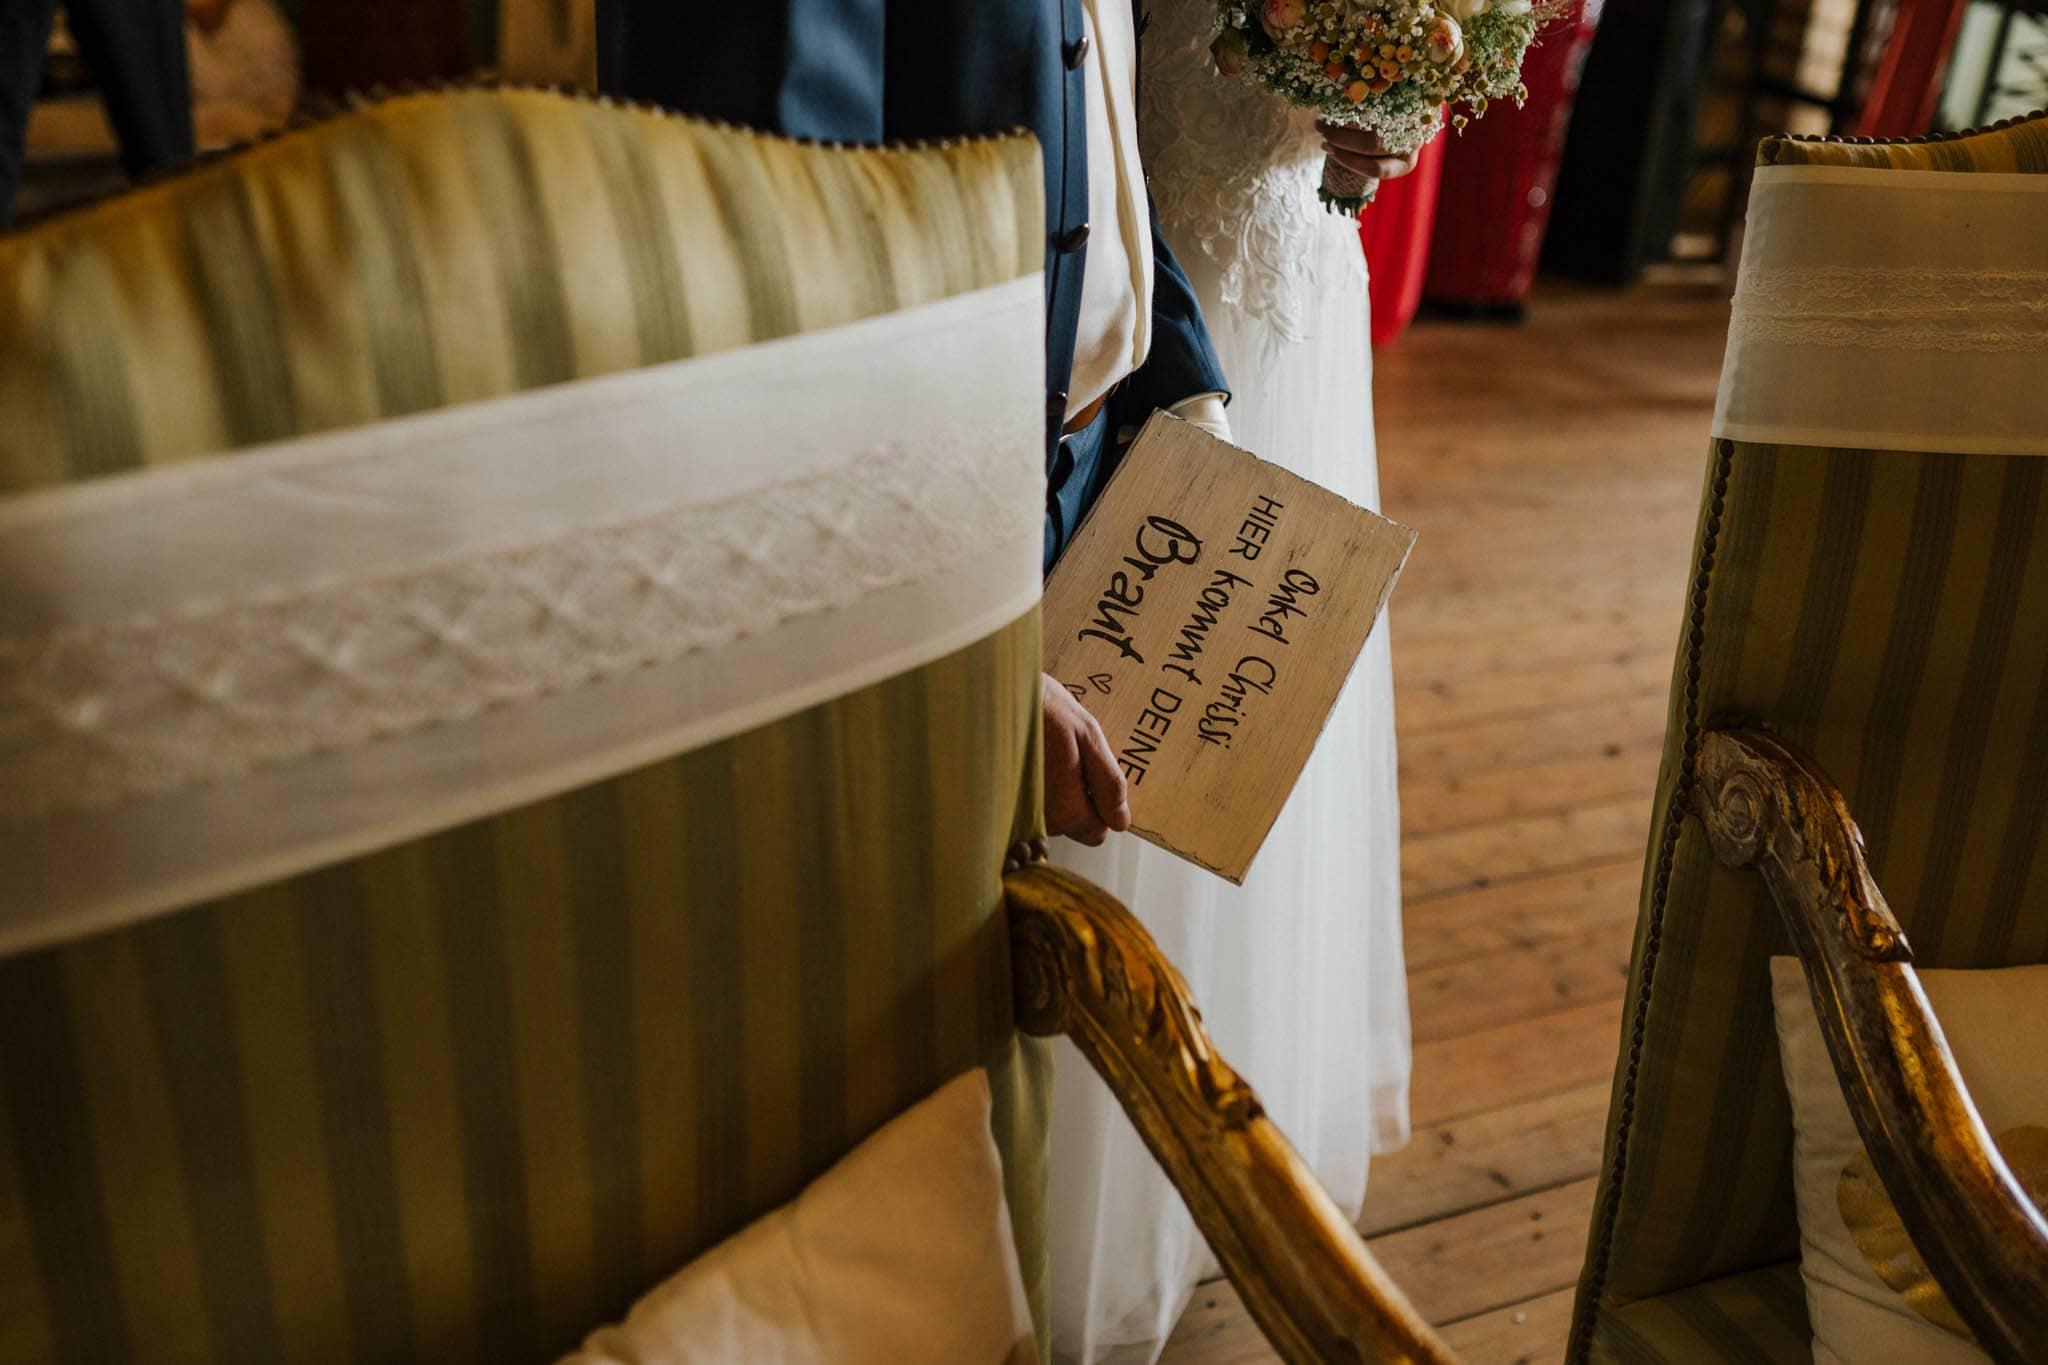 Hochzeitsfieber by Photo-Schomburg, Hoichzeitsfotograf, Hamburg, Wedding, Weddingtime, Hochzeitspaar, Braut, Bräutigam, Hochzeit im Norden,-43